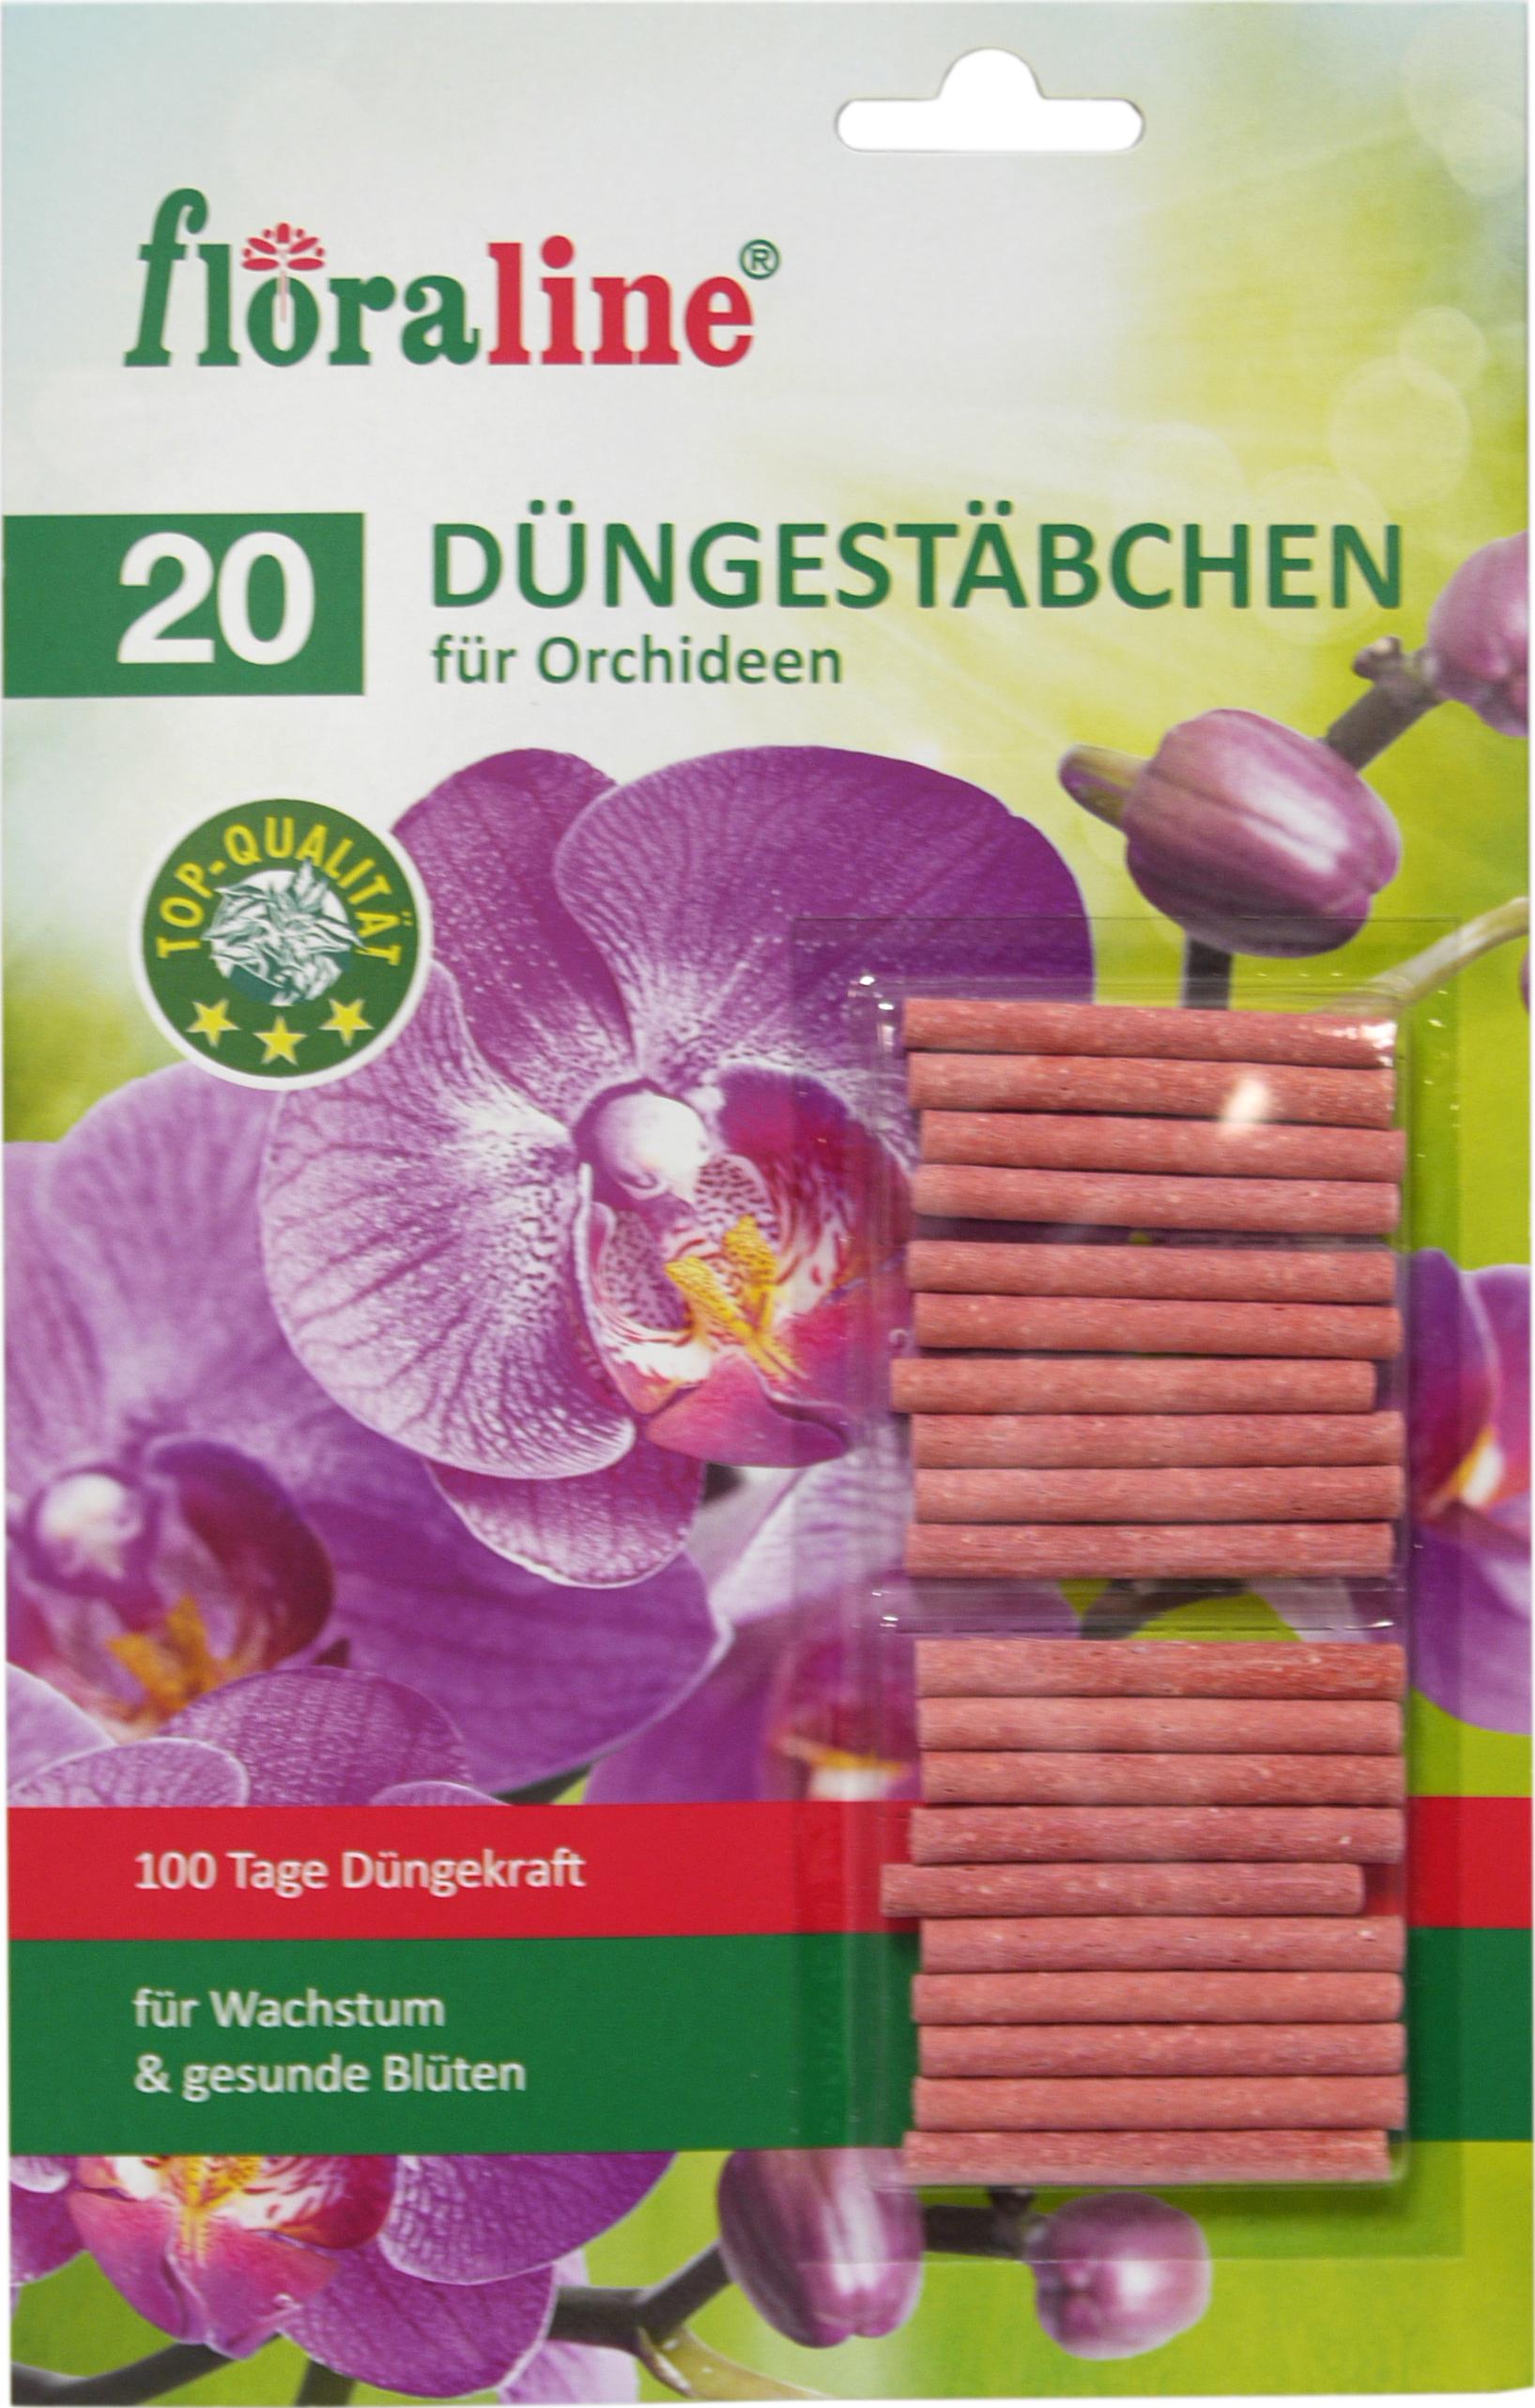 02206 - Düngestäbchen für Orchideen 20er